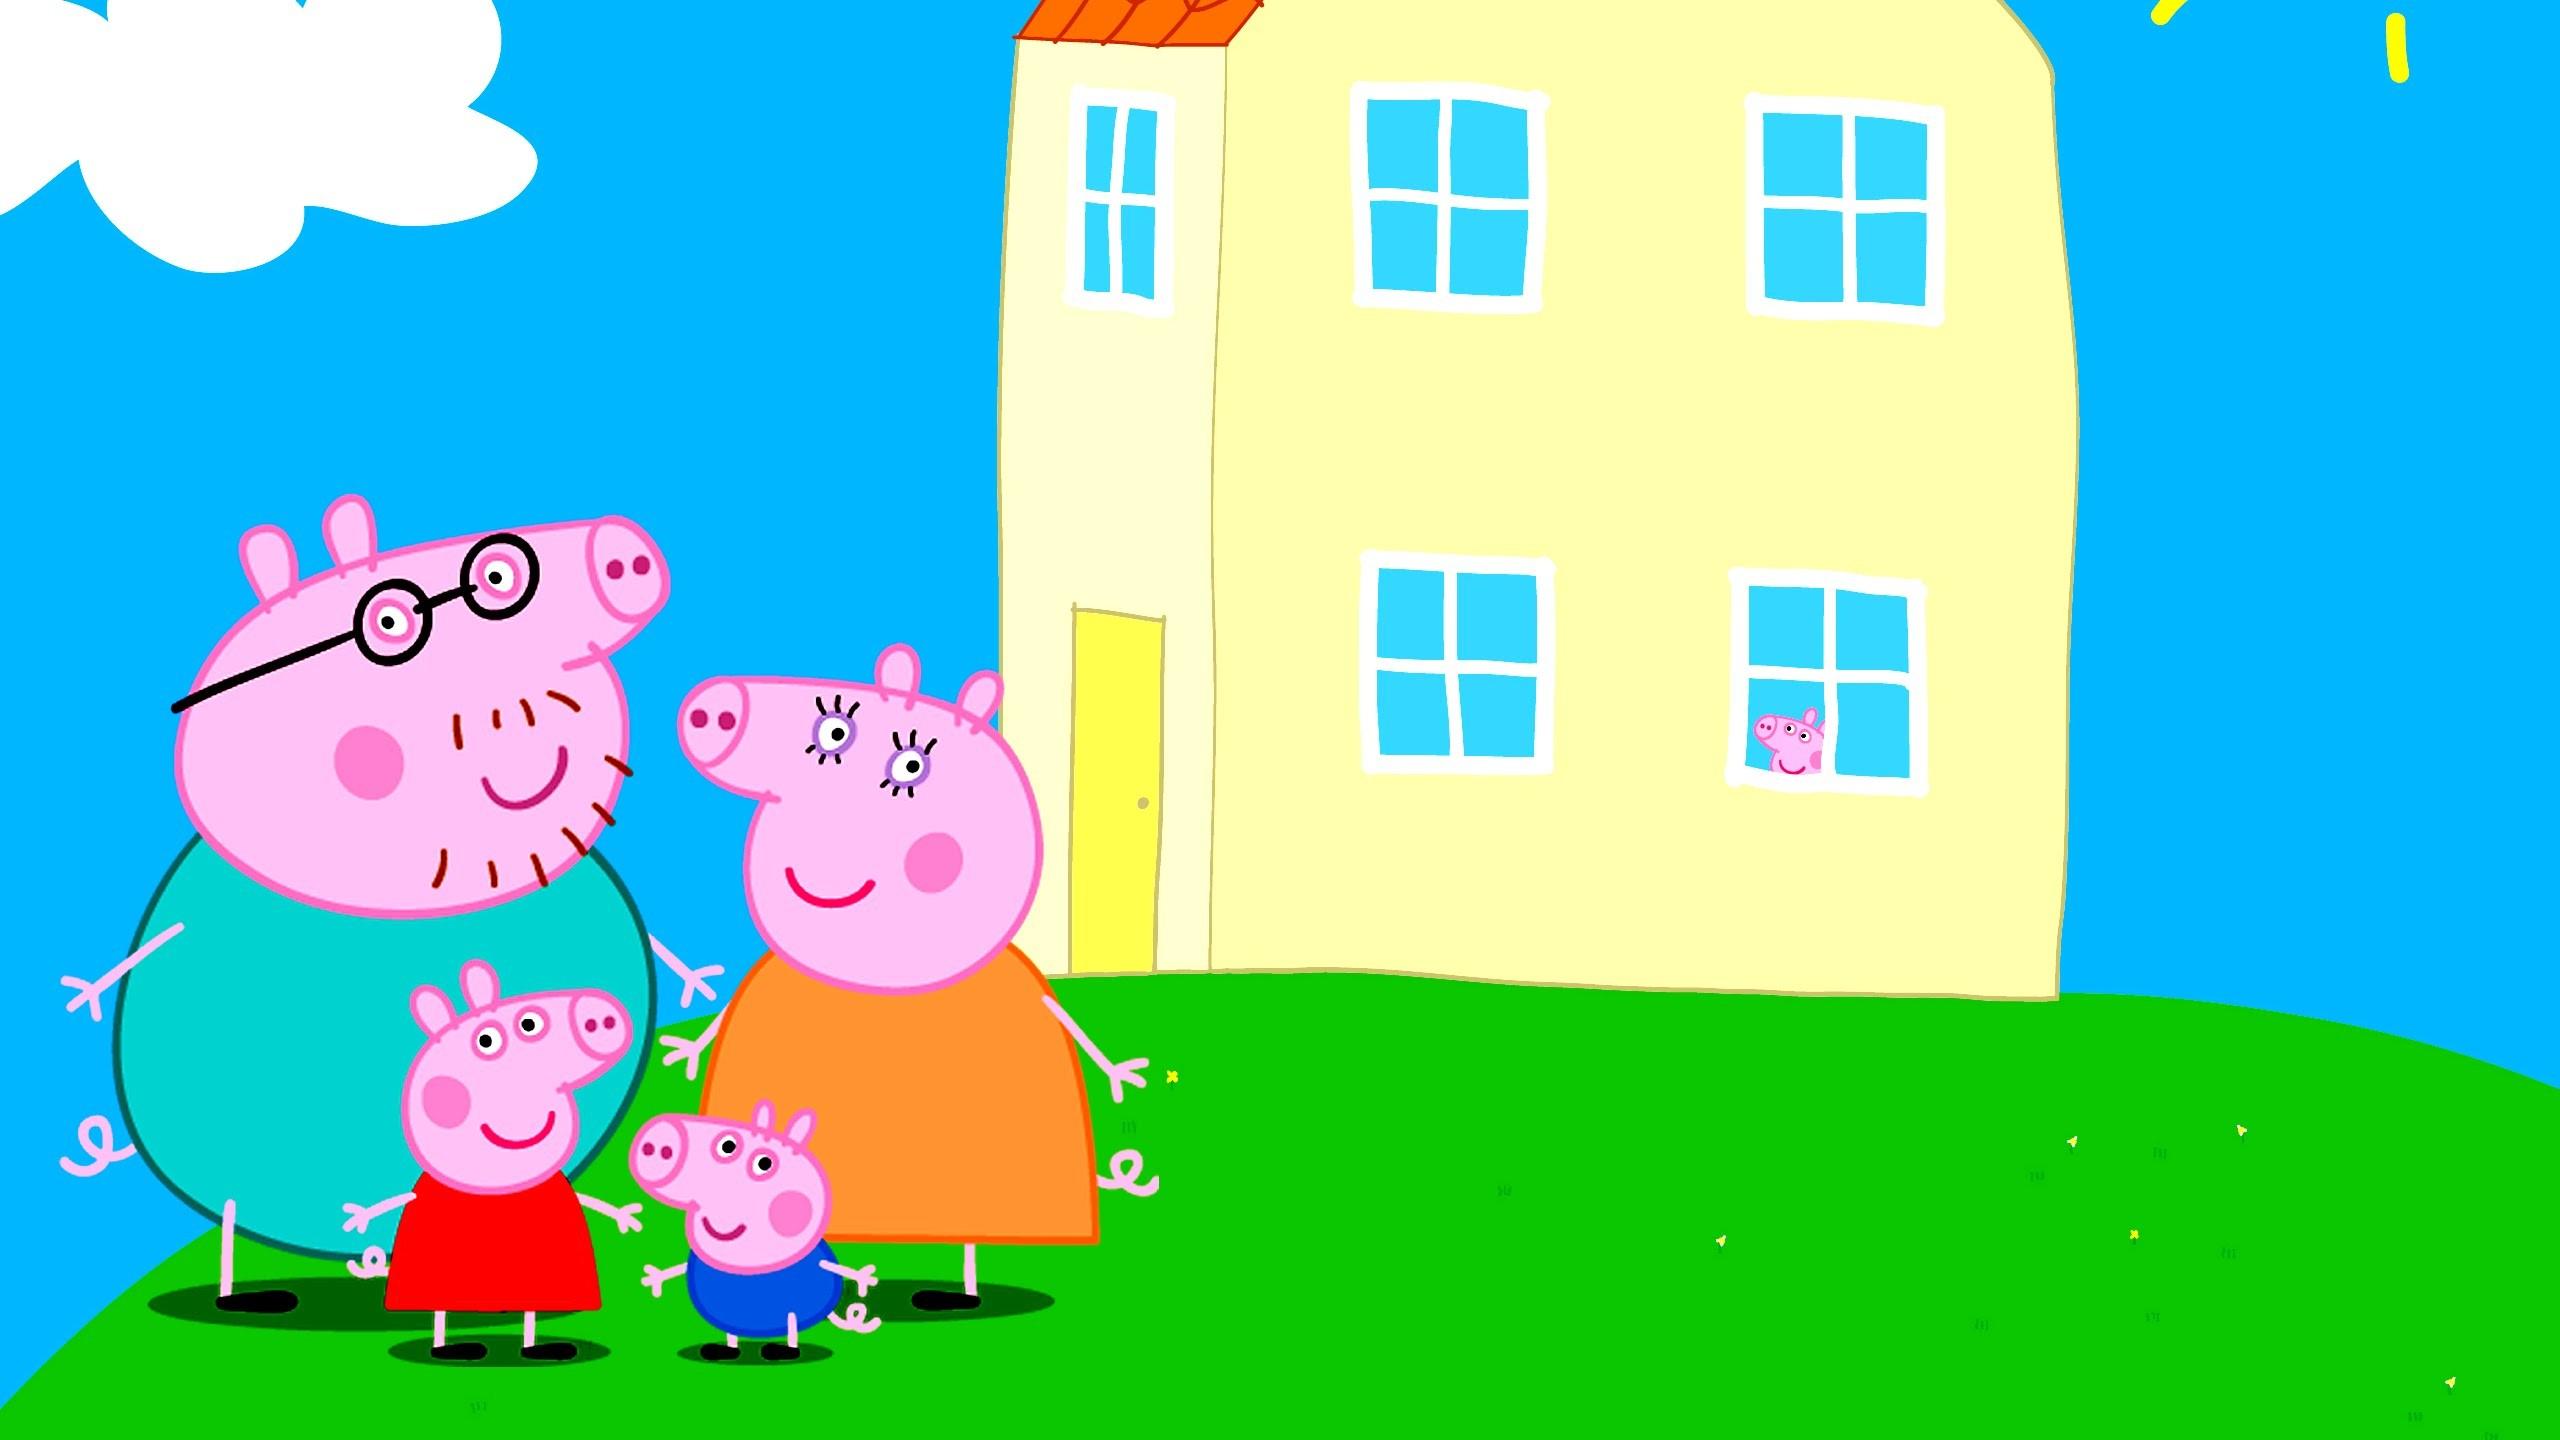 Peppa Pig Wallpapers ①